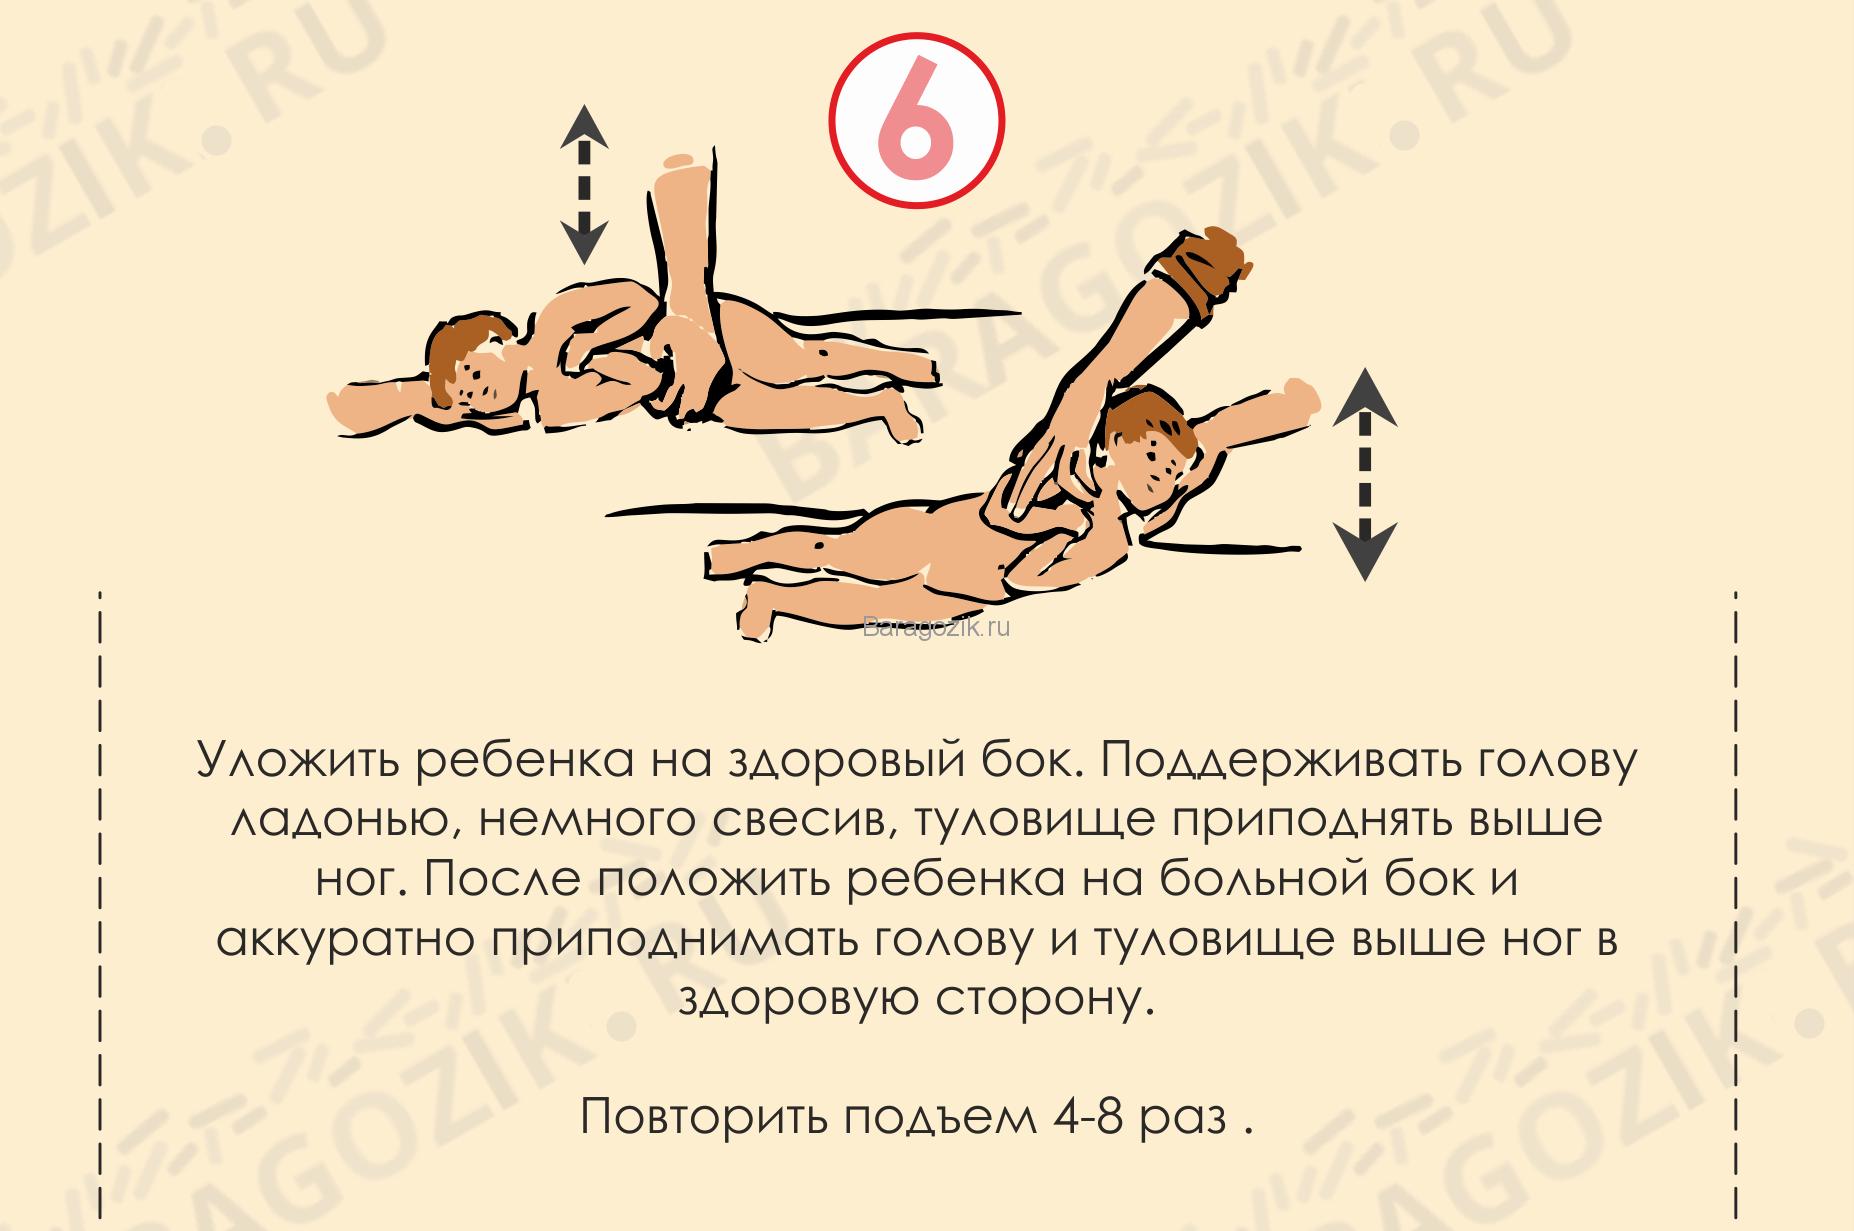 Кривошея у ребенка - упражнение 6